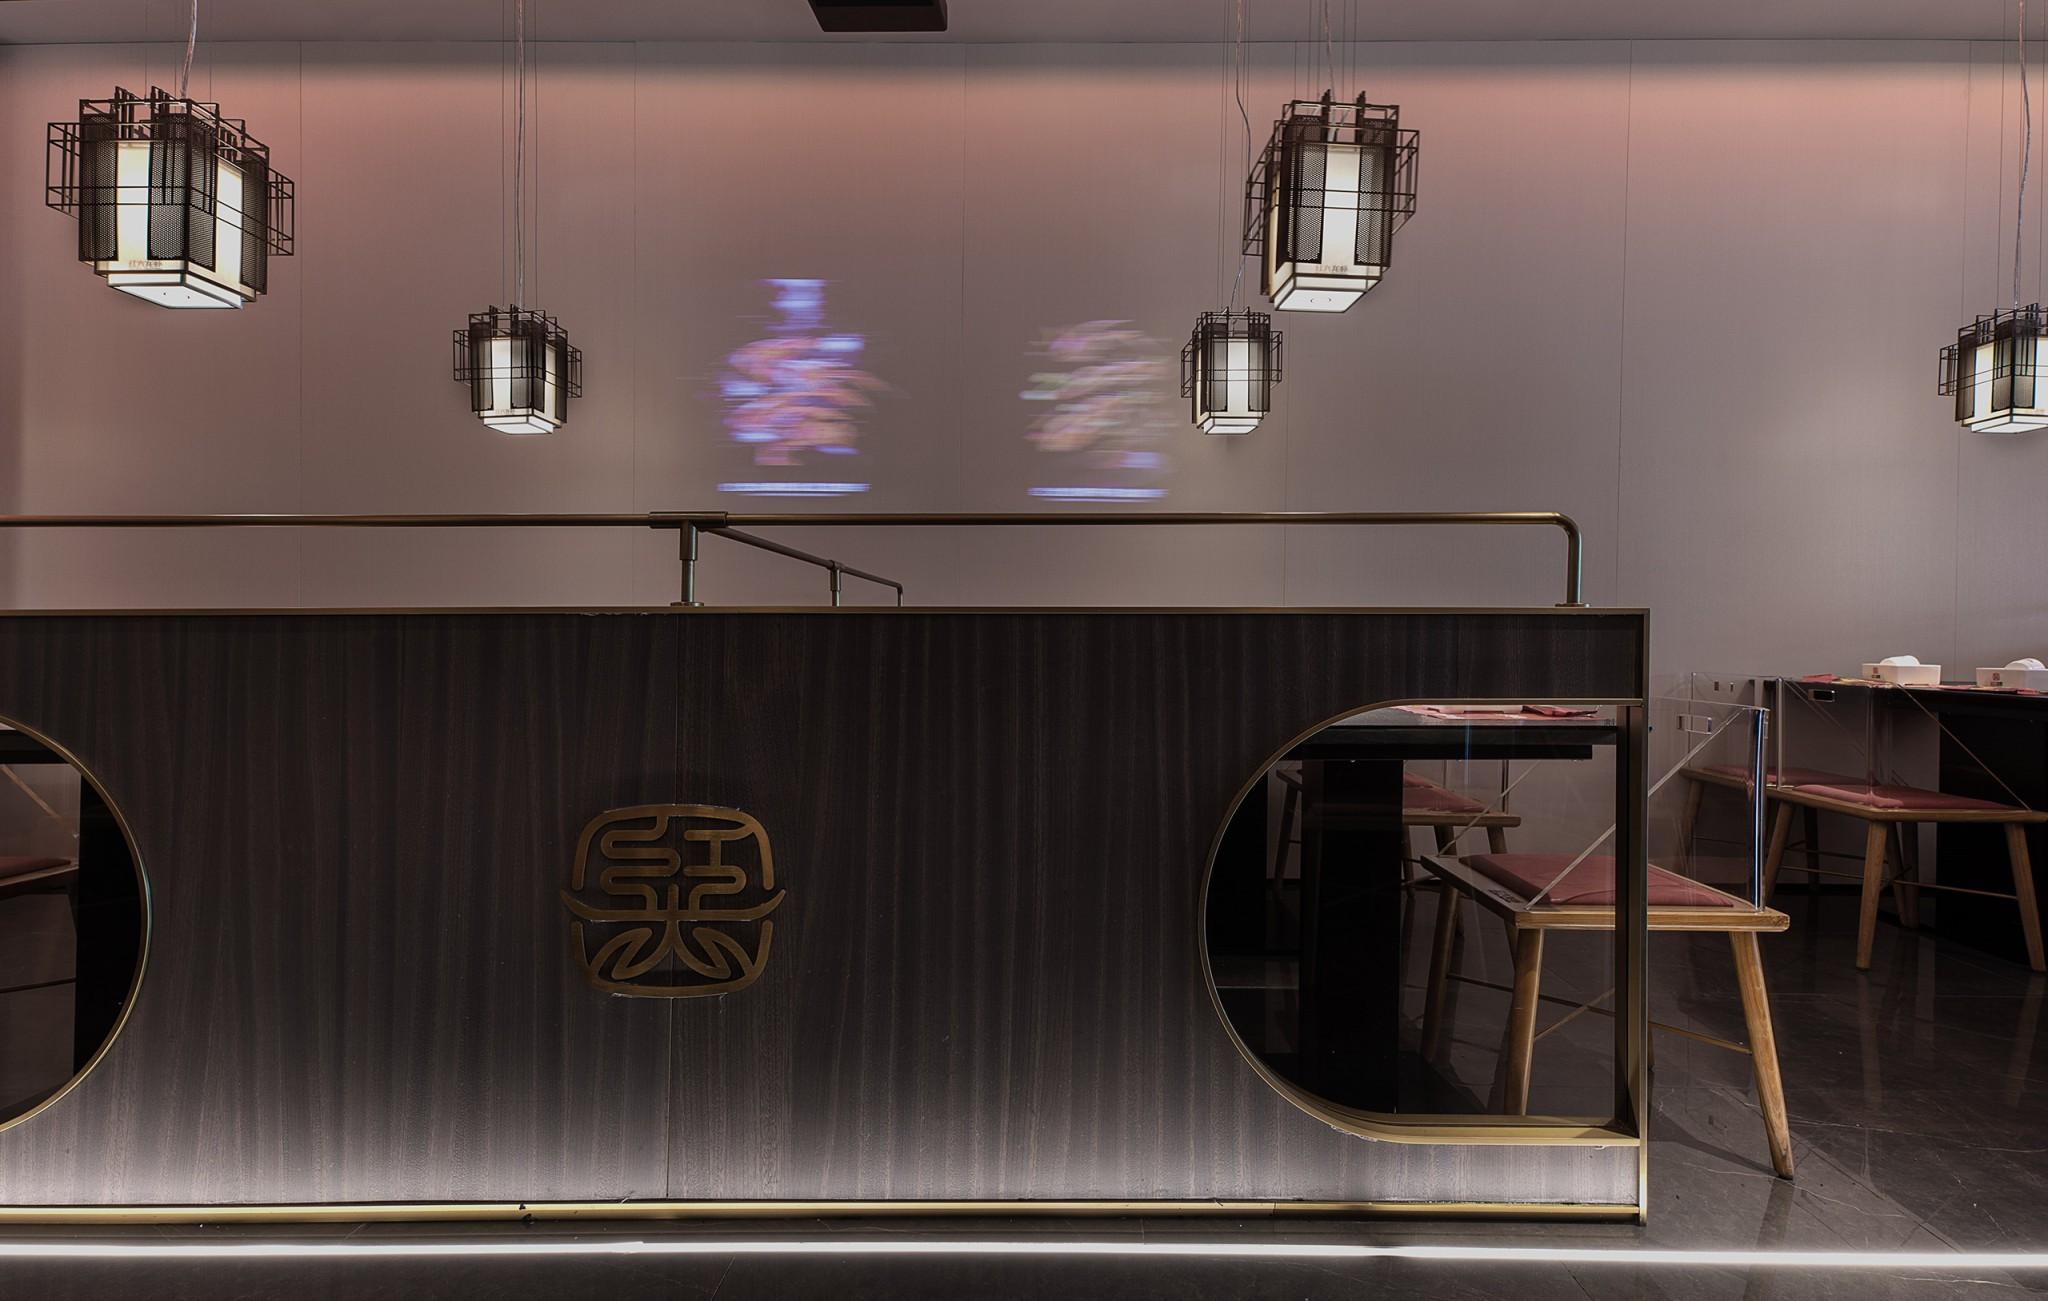 红大龙虾餐厅设计-龙虾餐厅设计-杭州达岸品牌策划设计公司